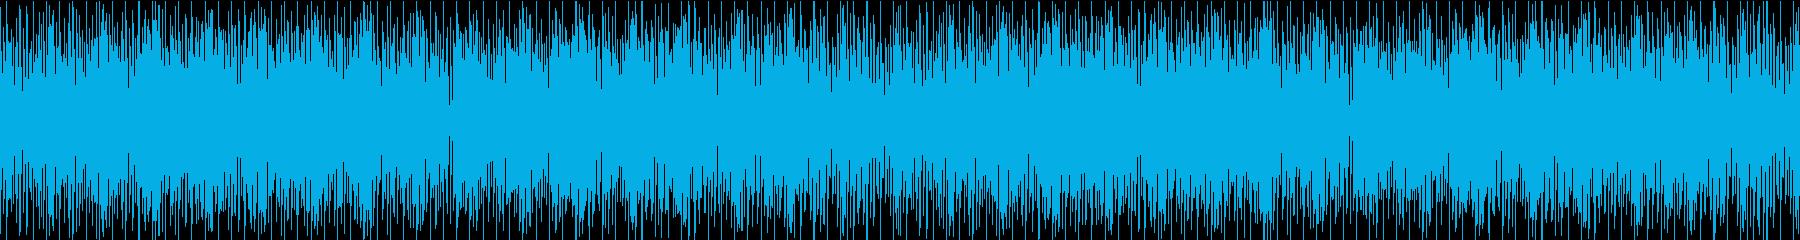 明るく可愛い雰囲気のBGM/ループ可能の再生済みの波形